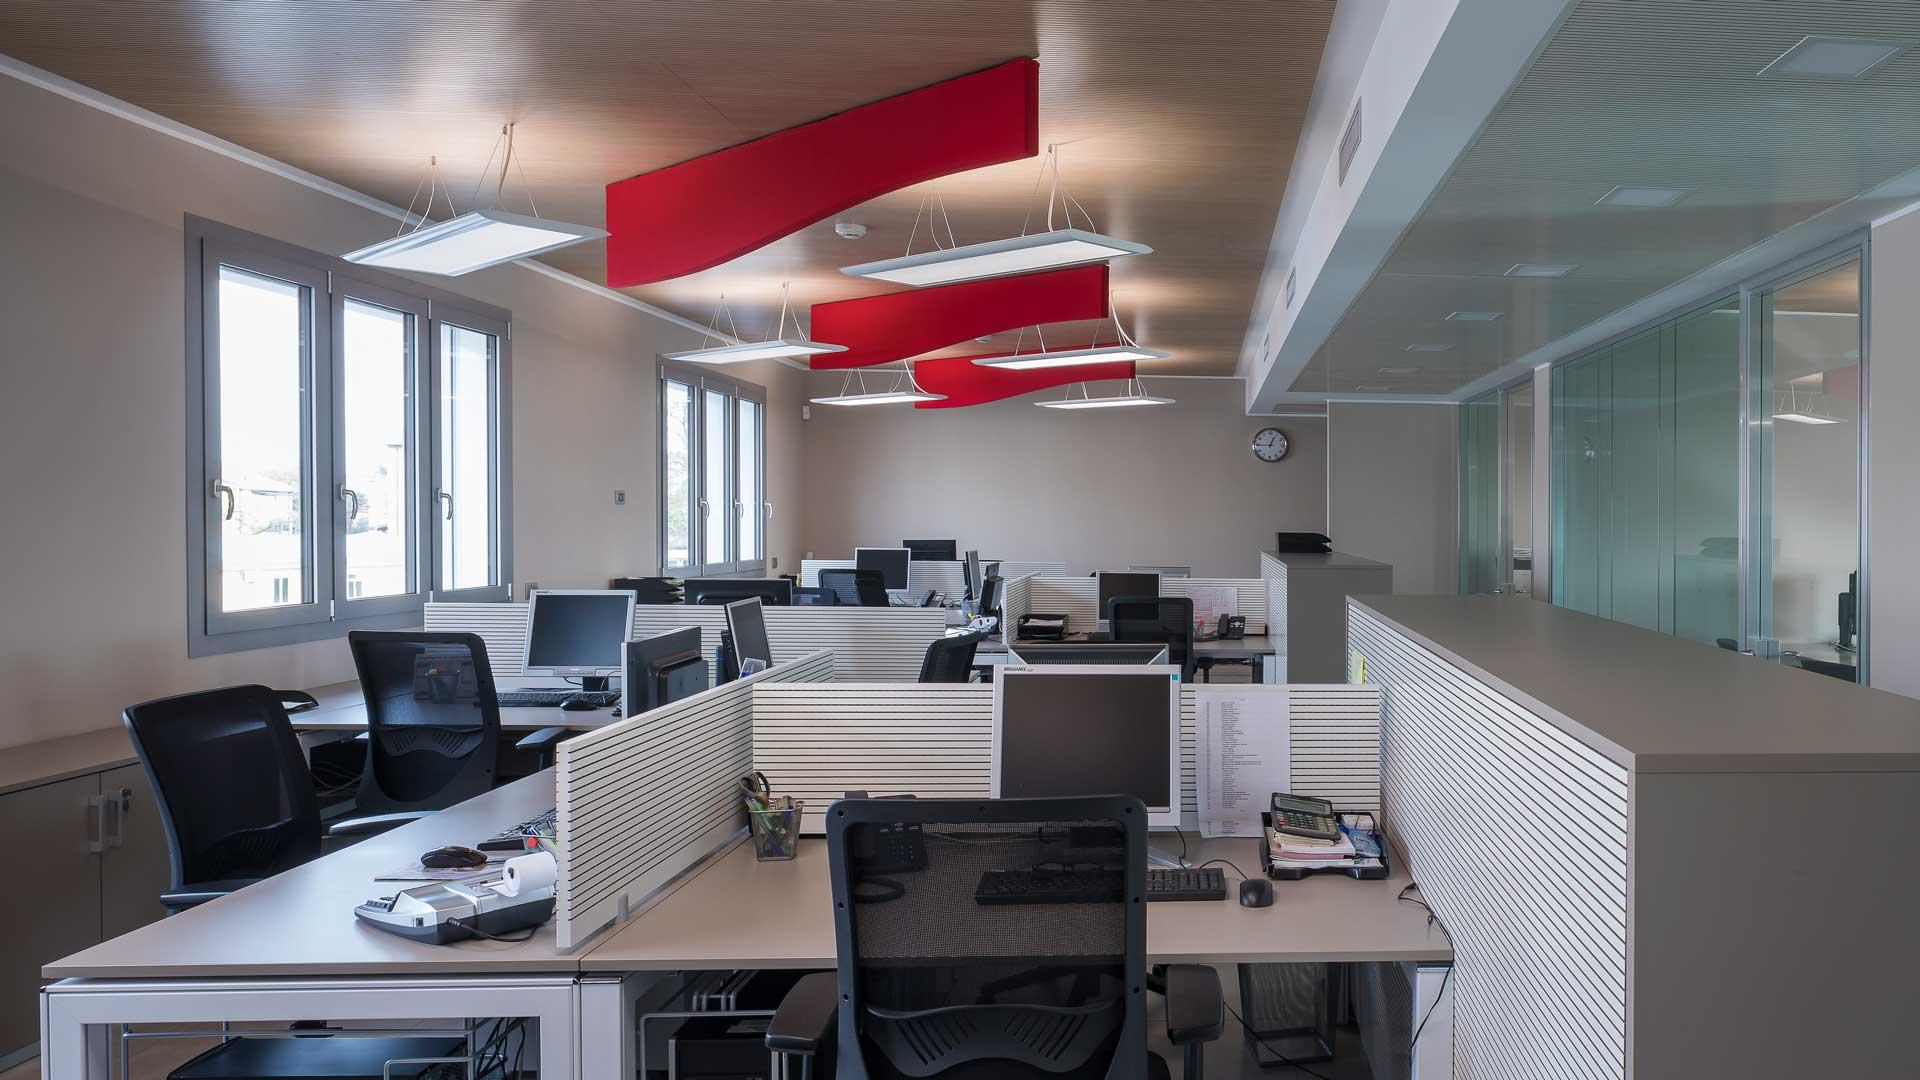 Uffici-per-e-commerce-Scurati-Level-Office-Landscape